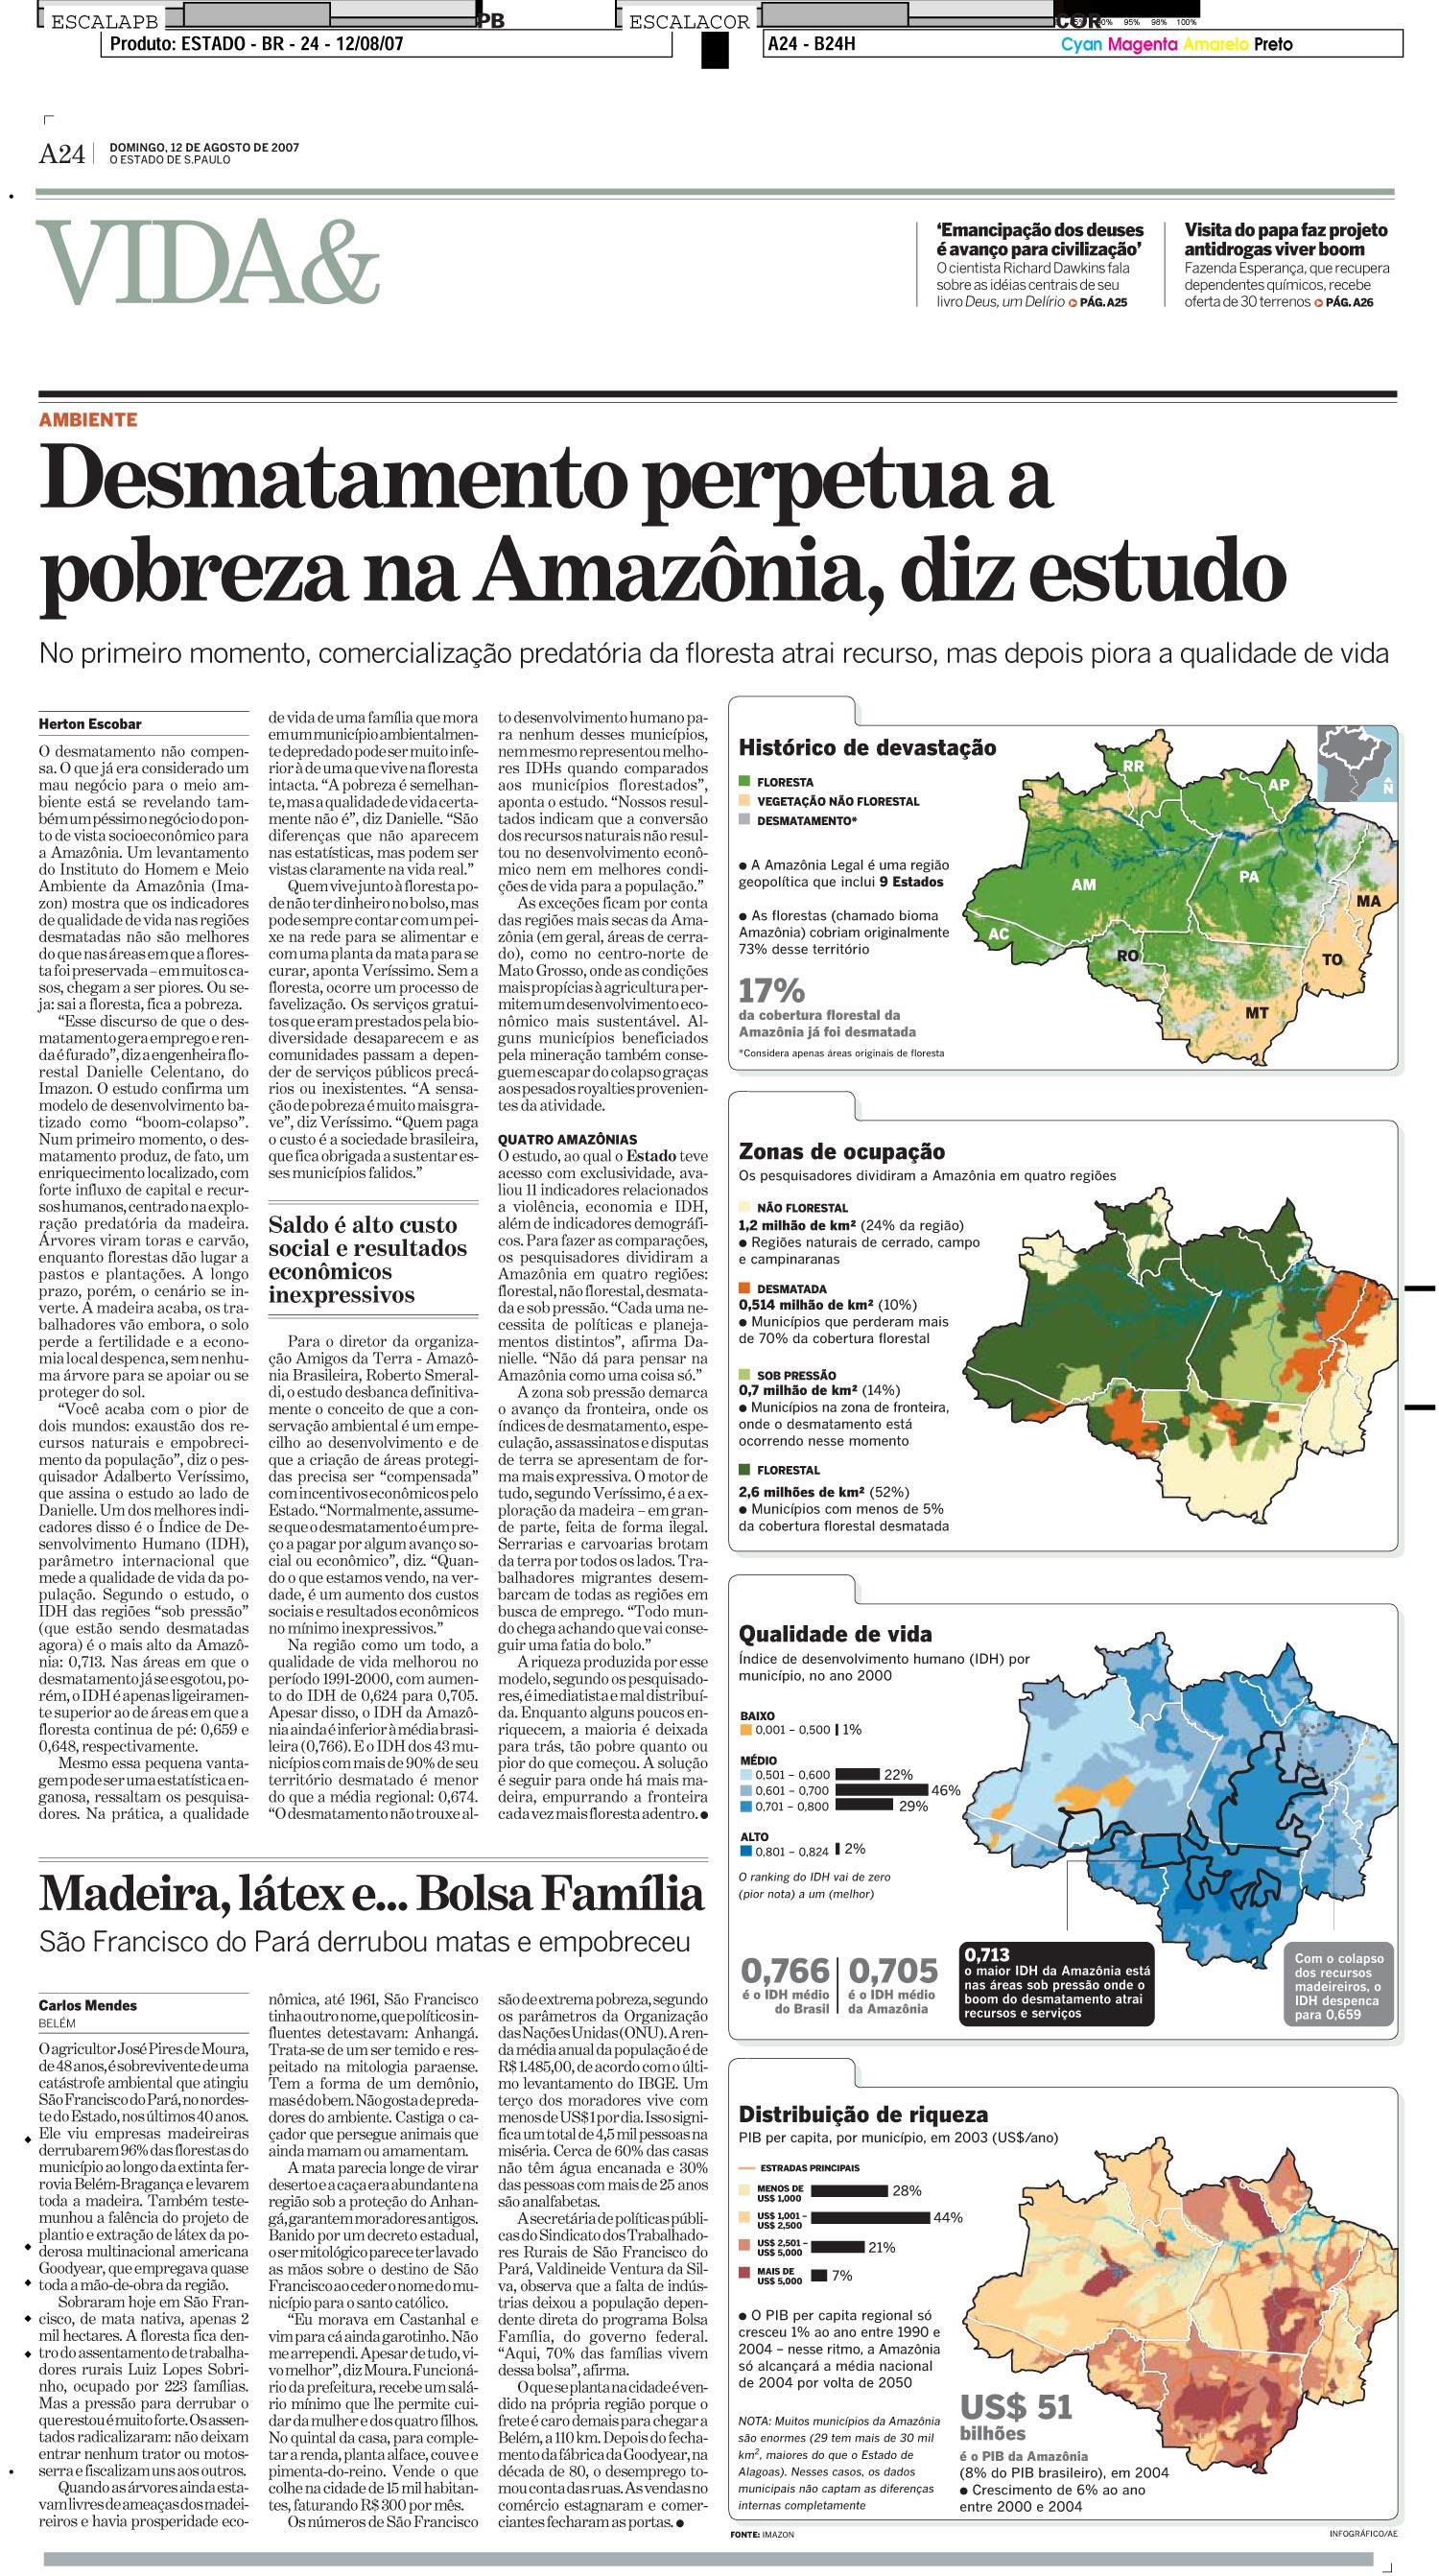 Desmatamento perpetua a pobreza da Amazônia, diz estudo